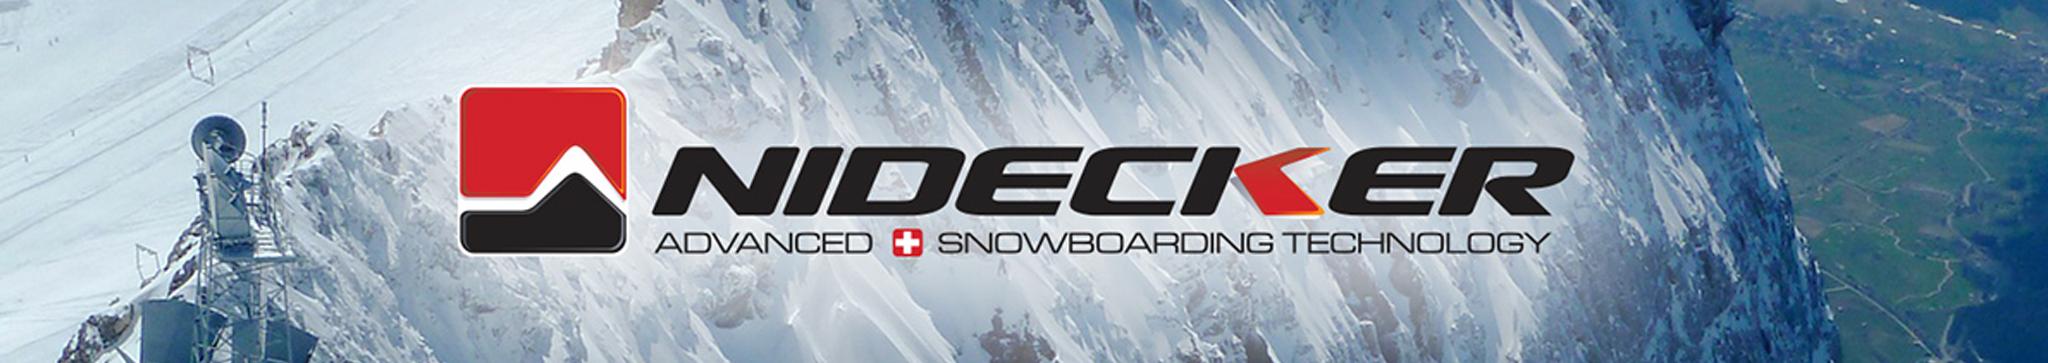 Nidecker snowboards Online shop